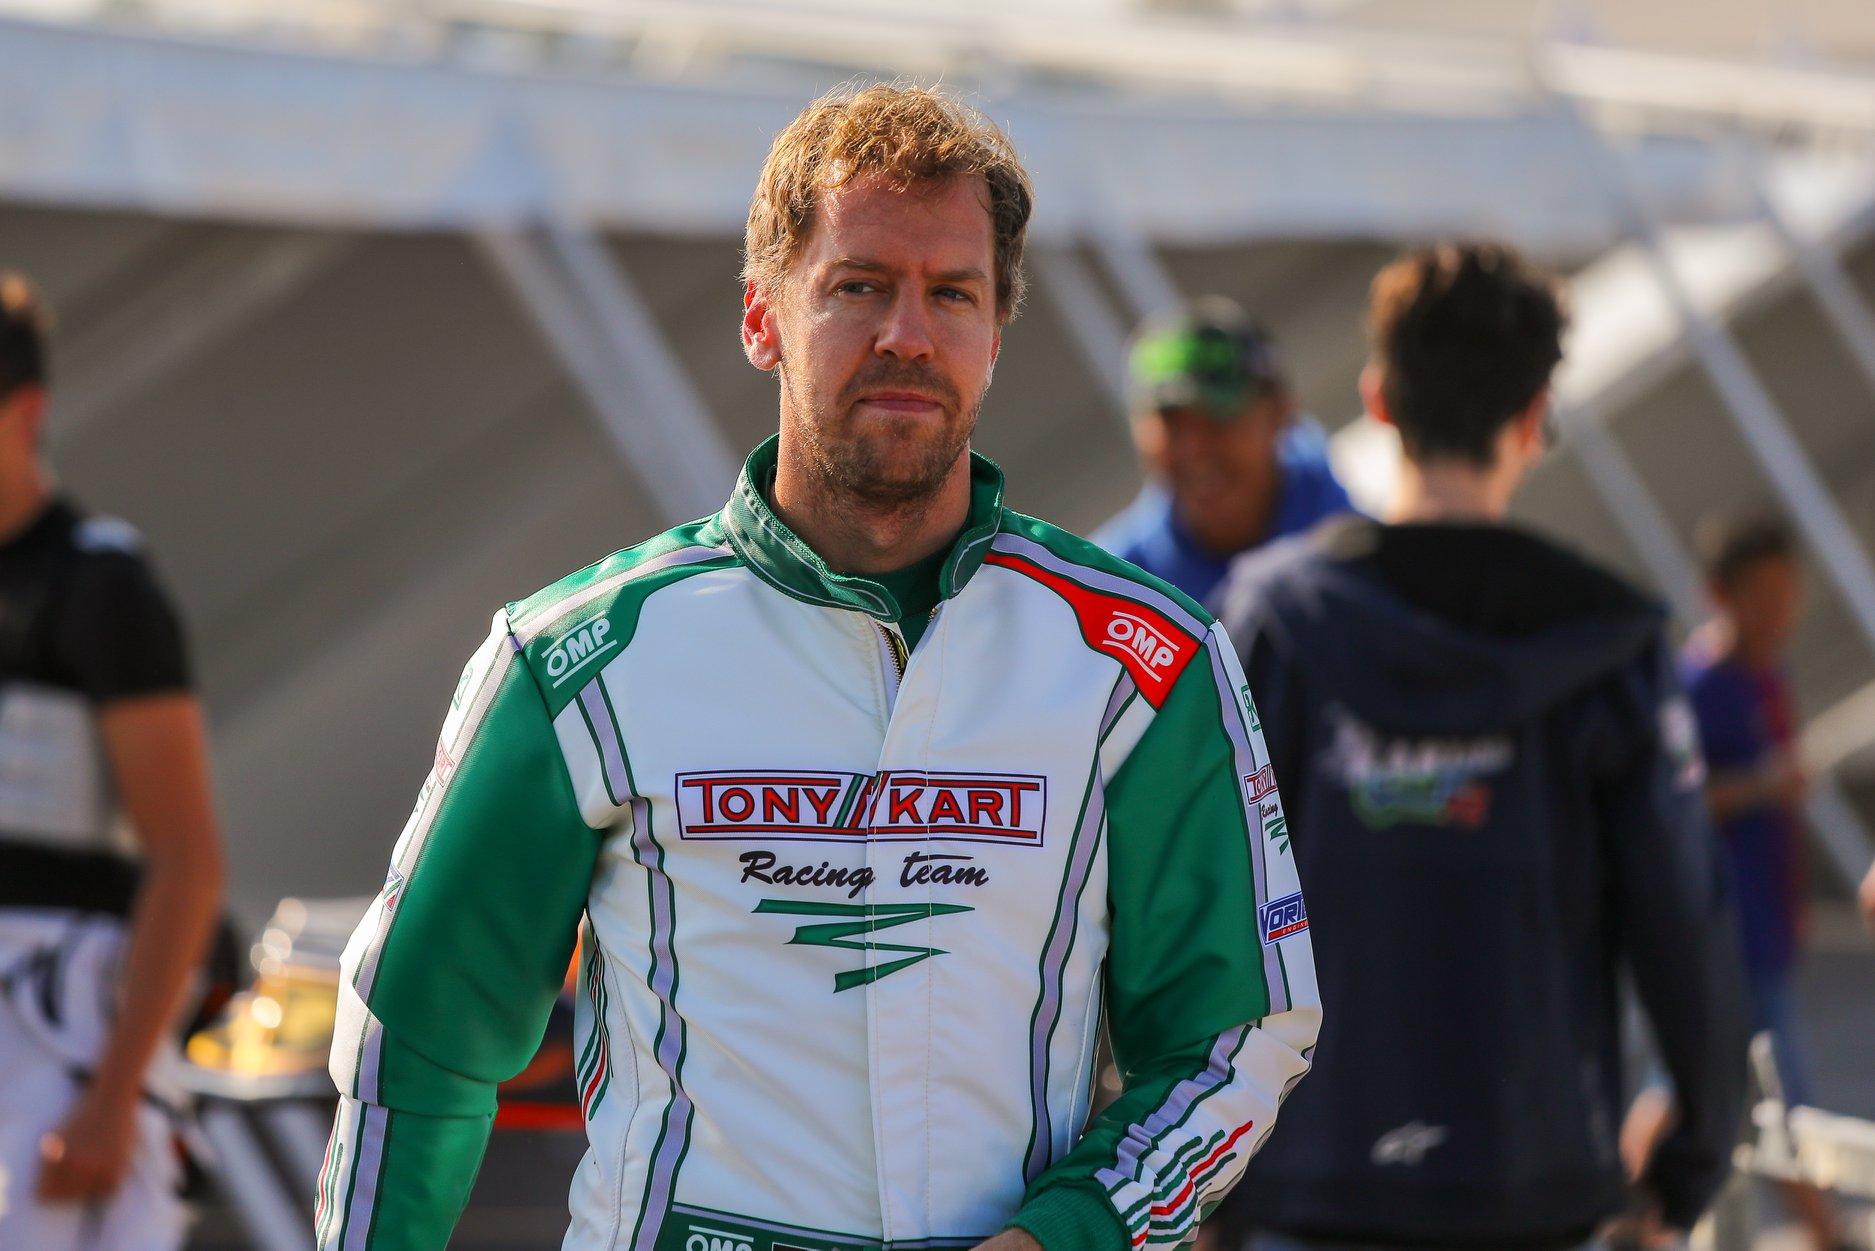 Sebastian_Vettel_testing_Tony_Kart_0007